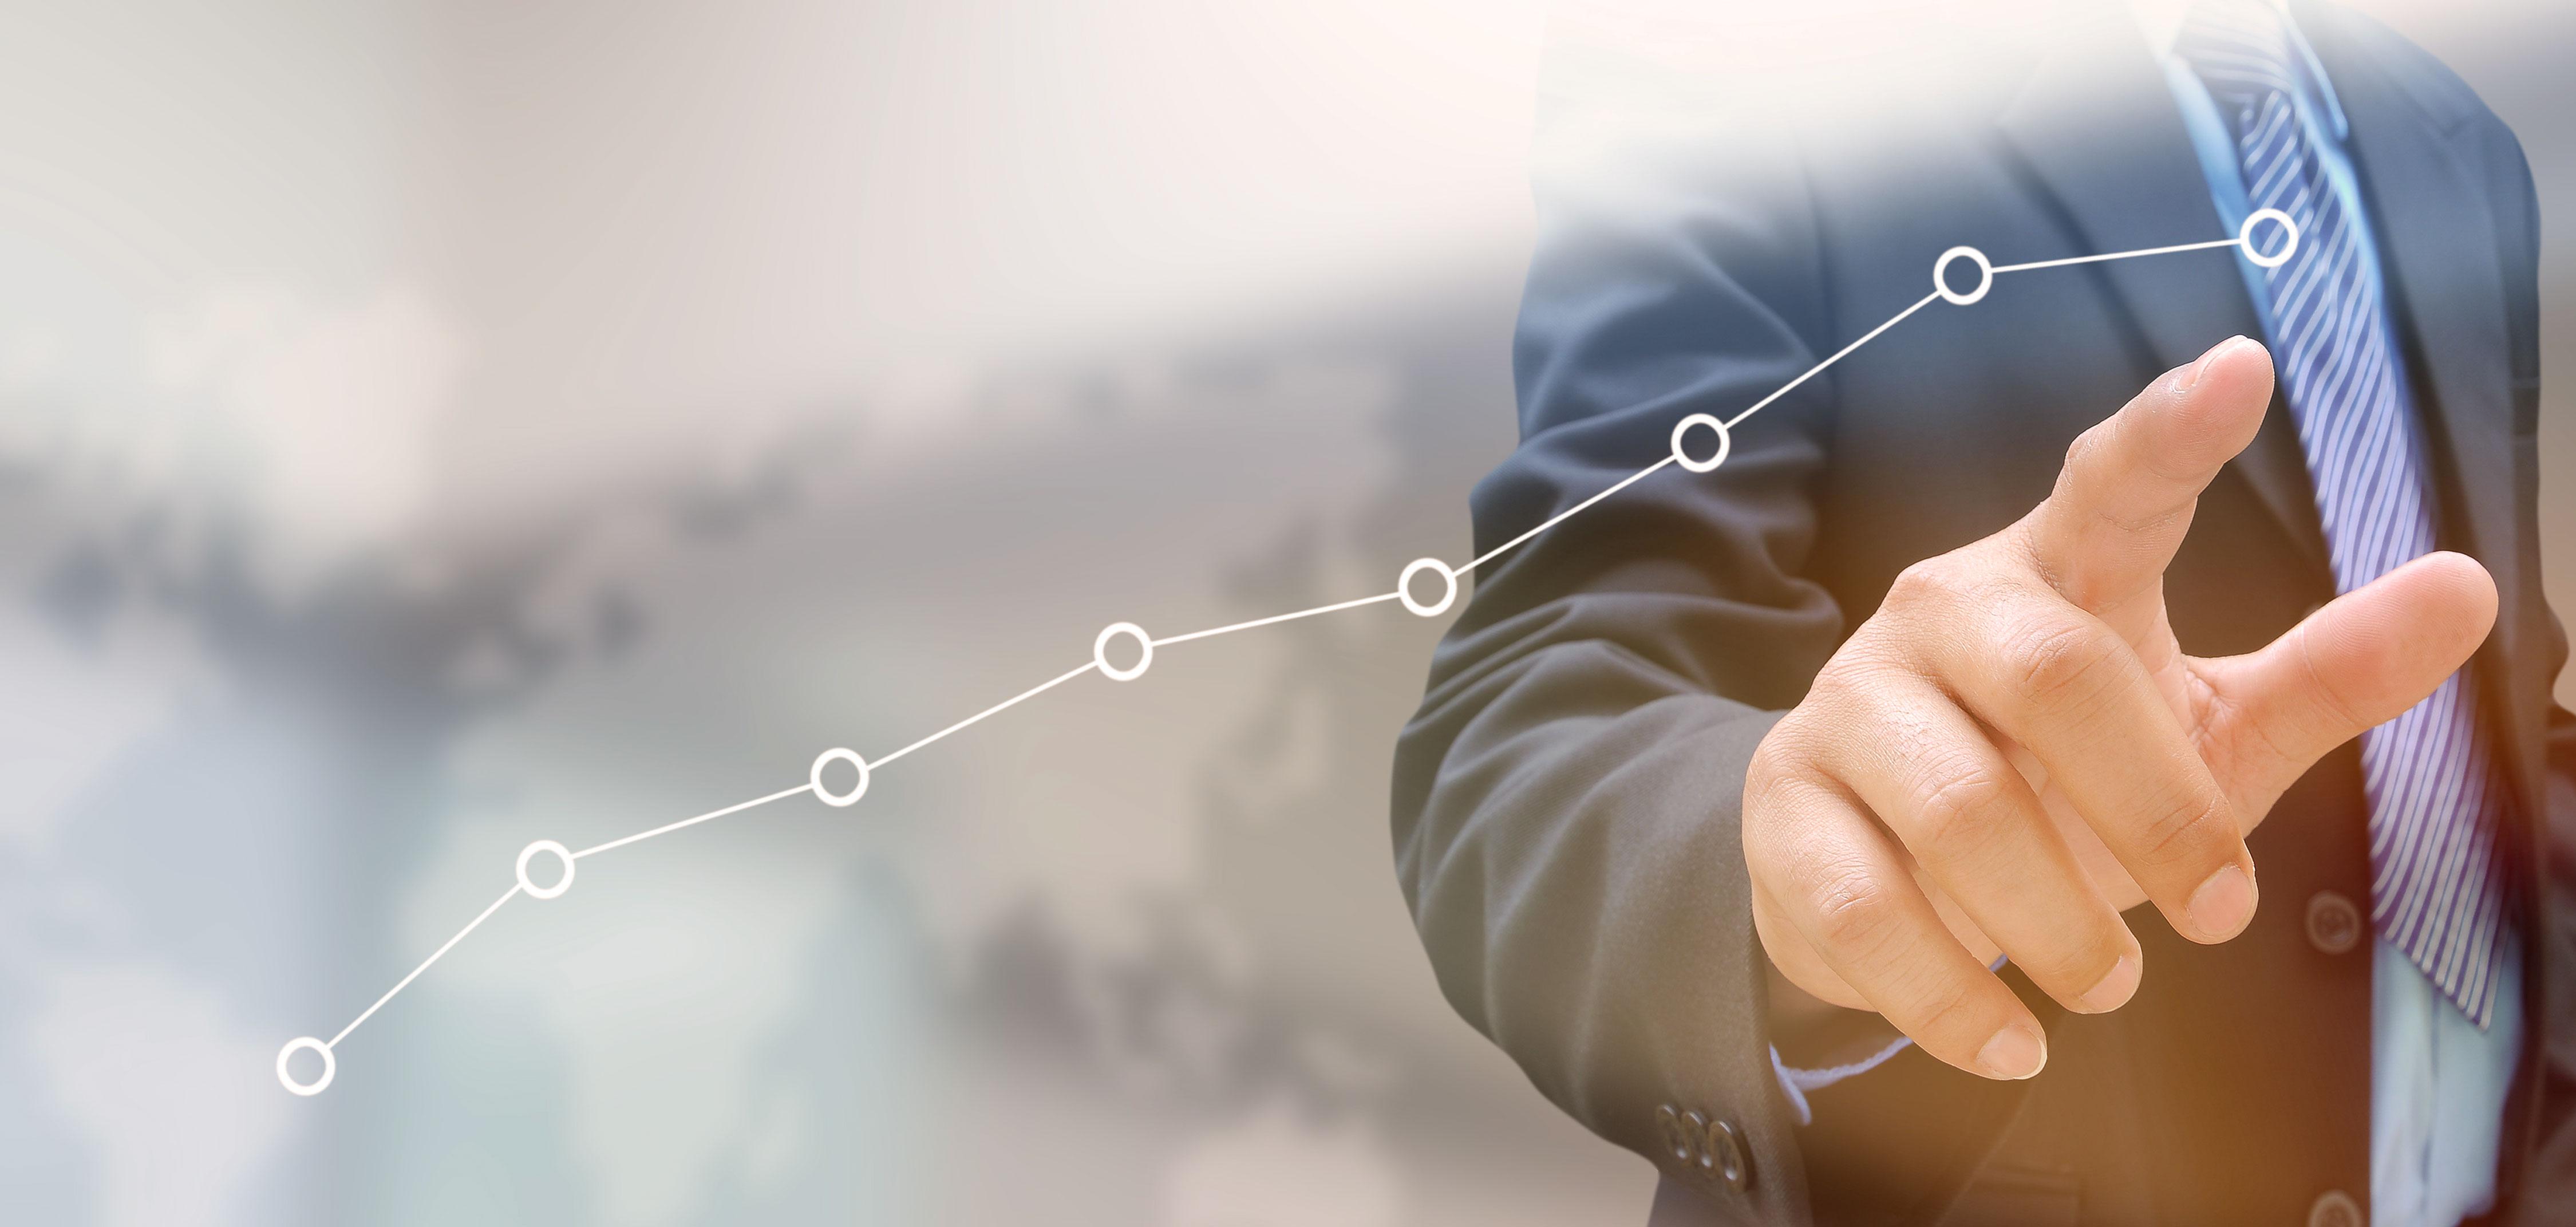 Businessman zeigt mit der Hand auf Grafik auf Touchscreen